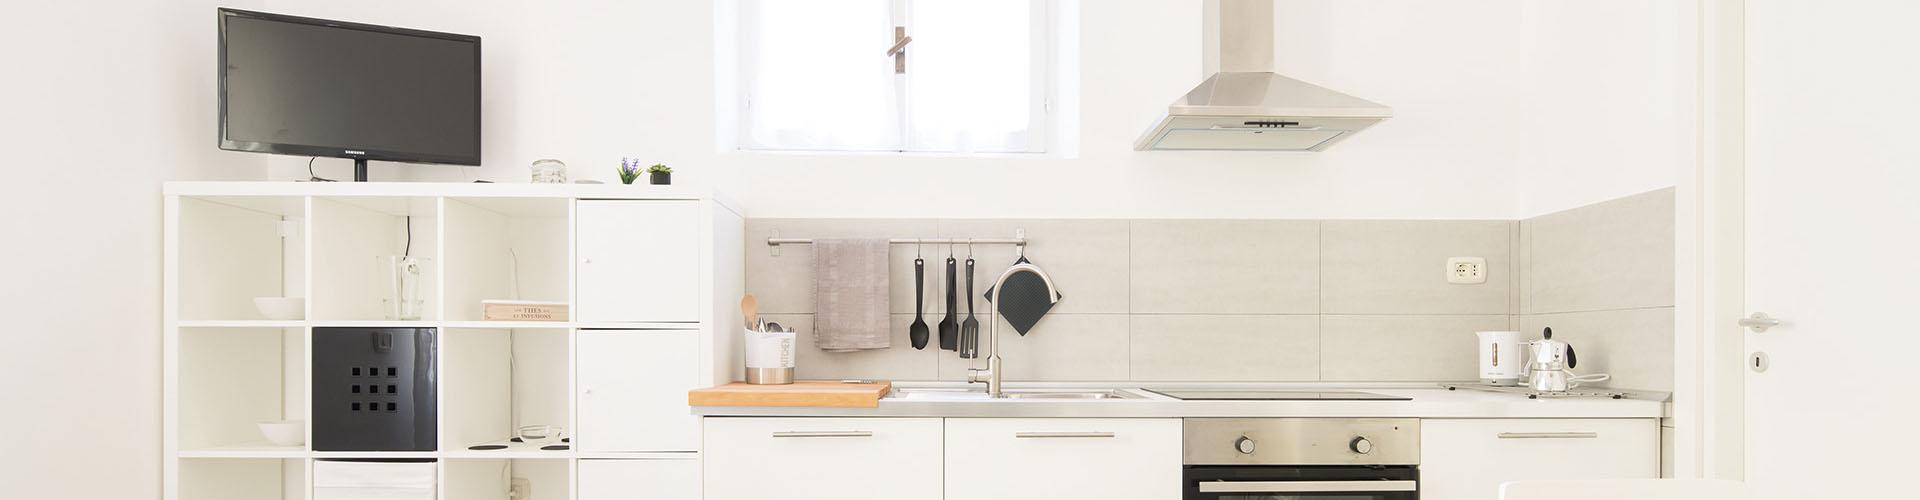 Home Inn Rome - Kitchen